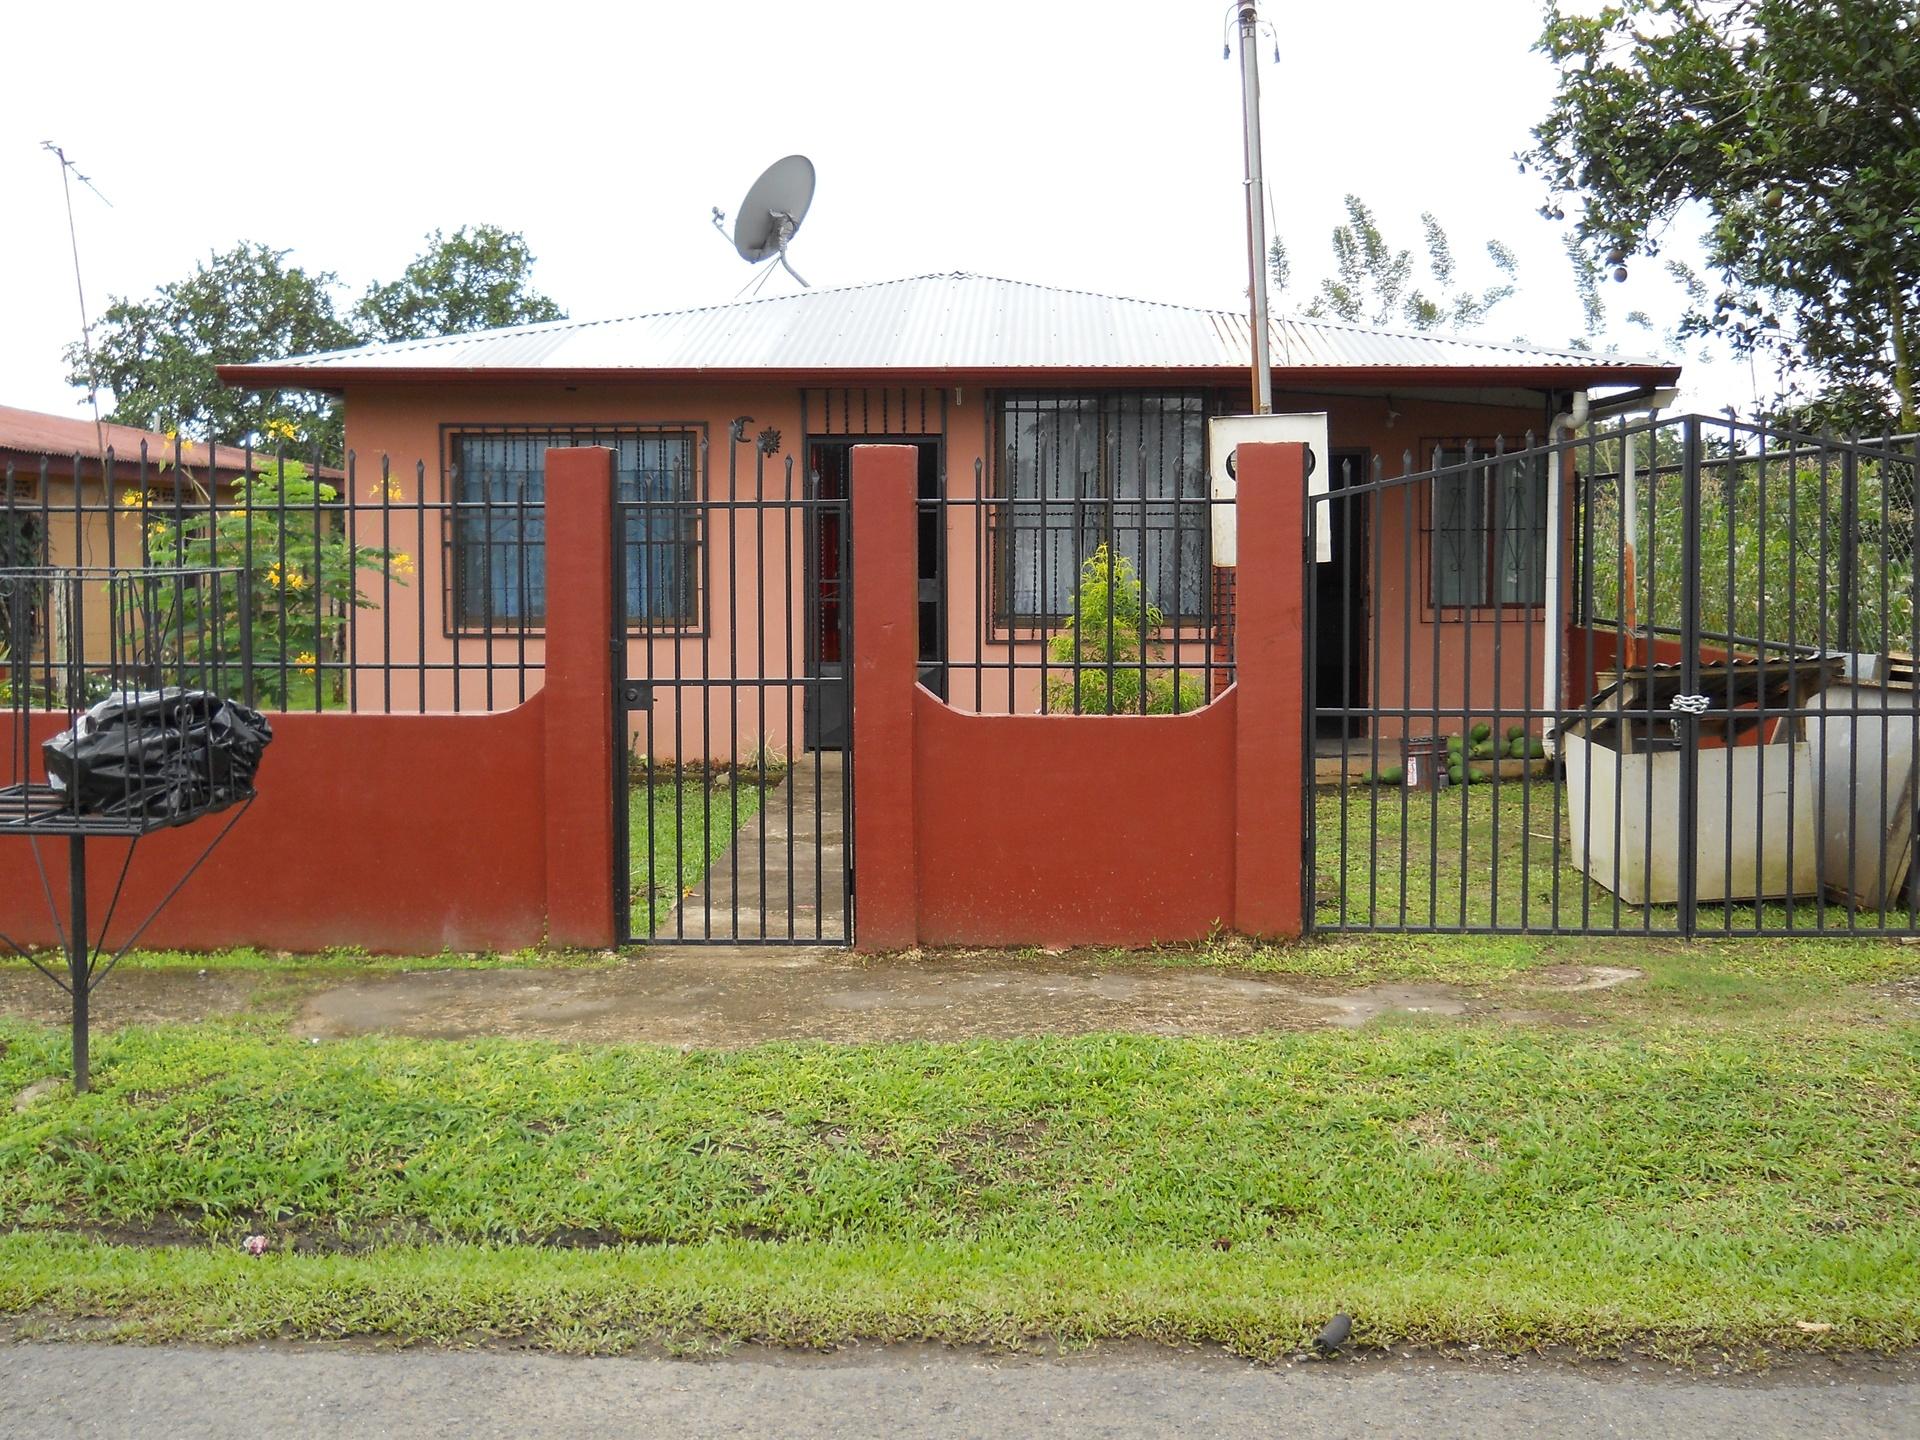 Projetos casas muros modernos vidro ptax dyndns pelautscom for Casetas economicas